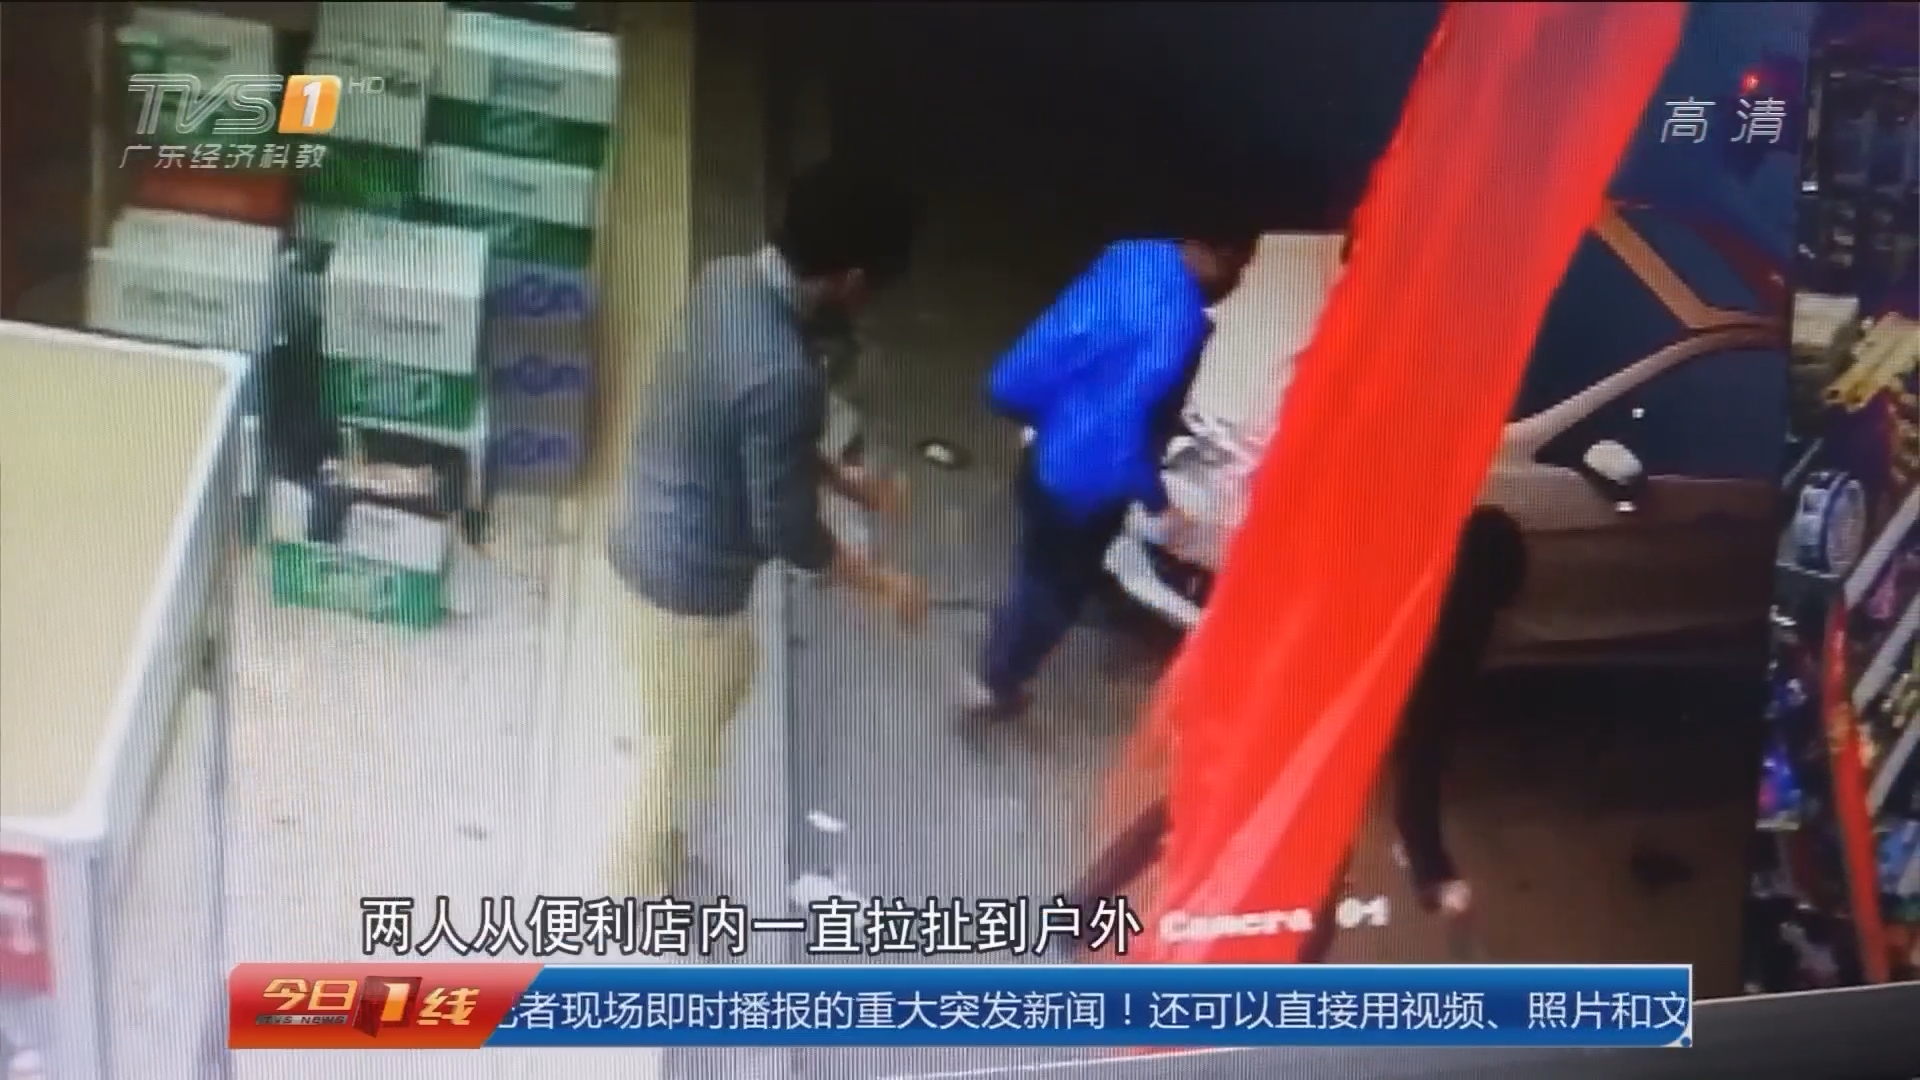 普宁流沙:便利店里发生碰撞 演变成斗殴